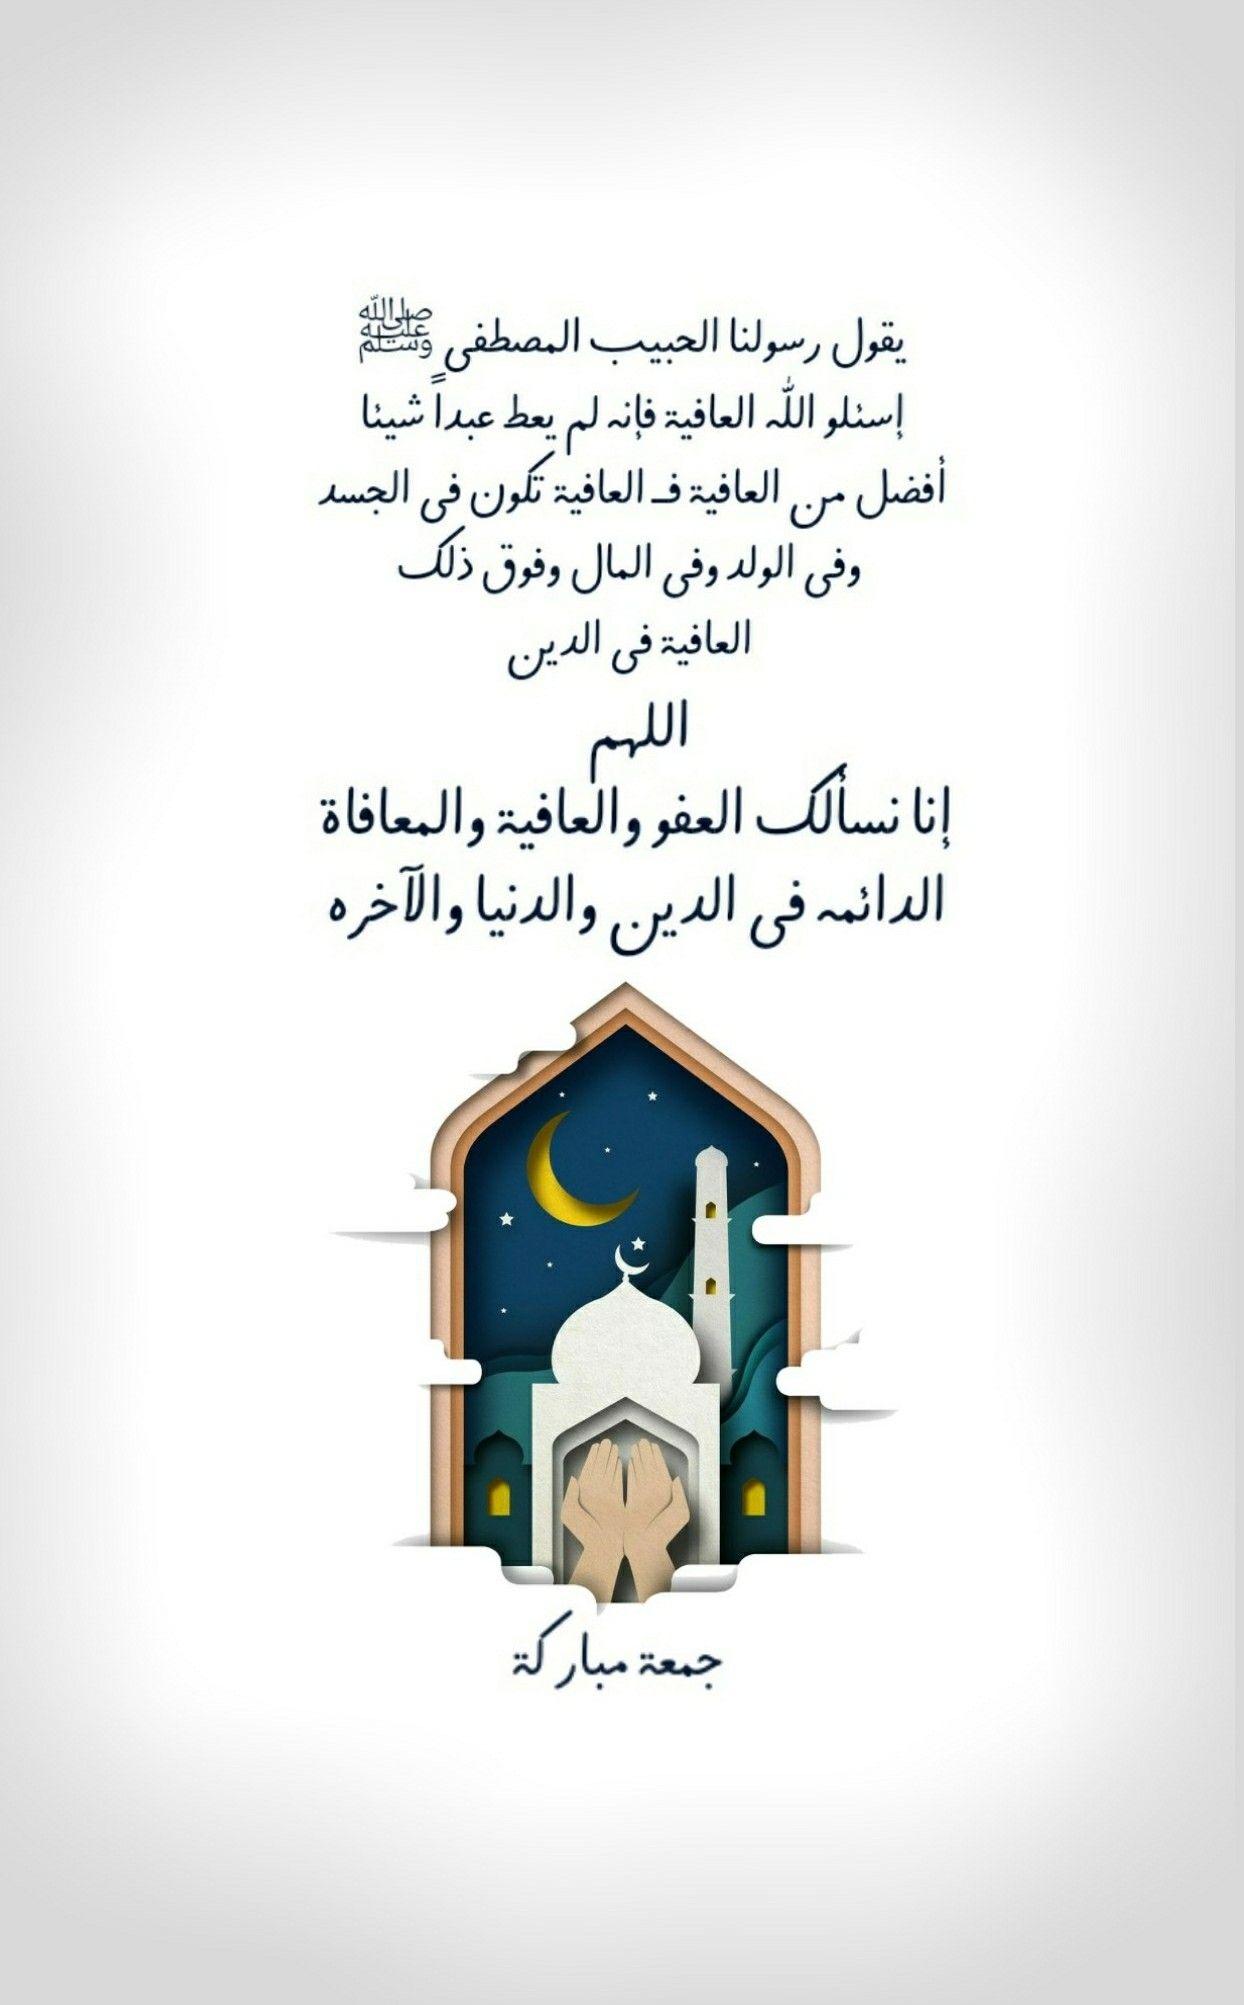 يقول رسولنا الحبيب المصطفى ﷺ إسئلو الله العافية فإنه لم يعط عبدا شيئا أفضل من العافية فــ العاف Beautiful Quran Quotes Quran Quotes Love Islamic Love Quotes